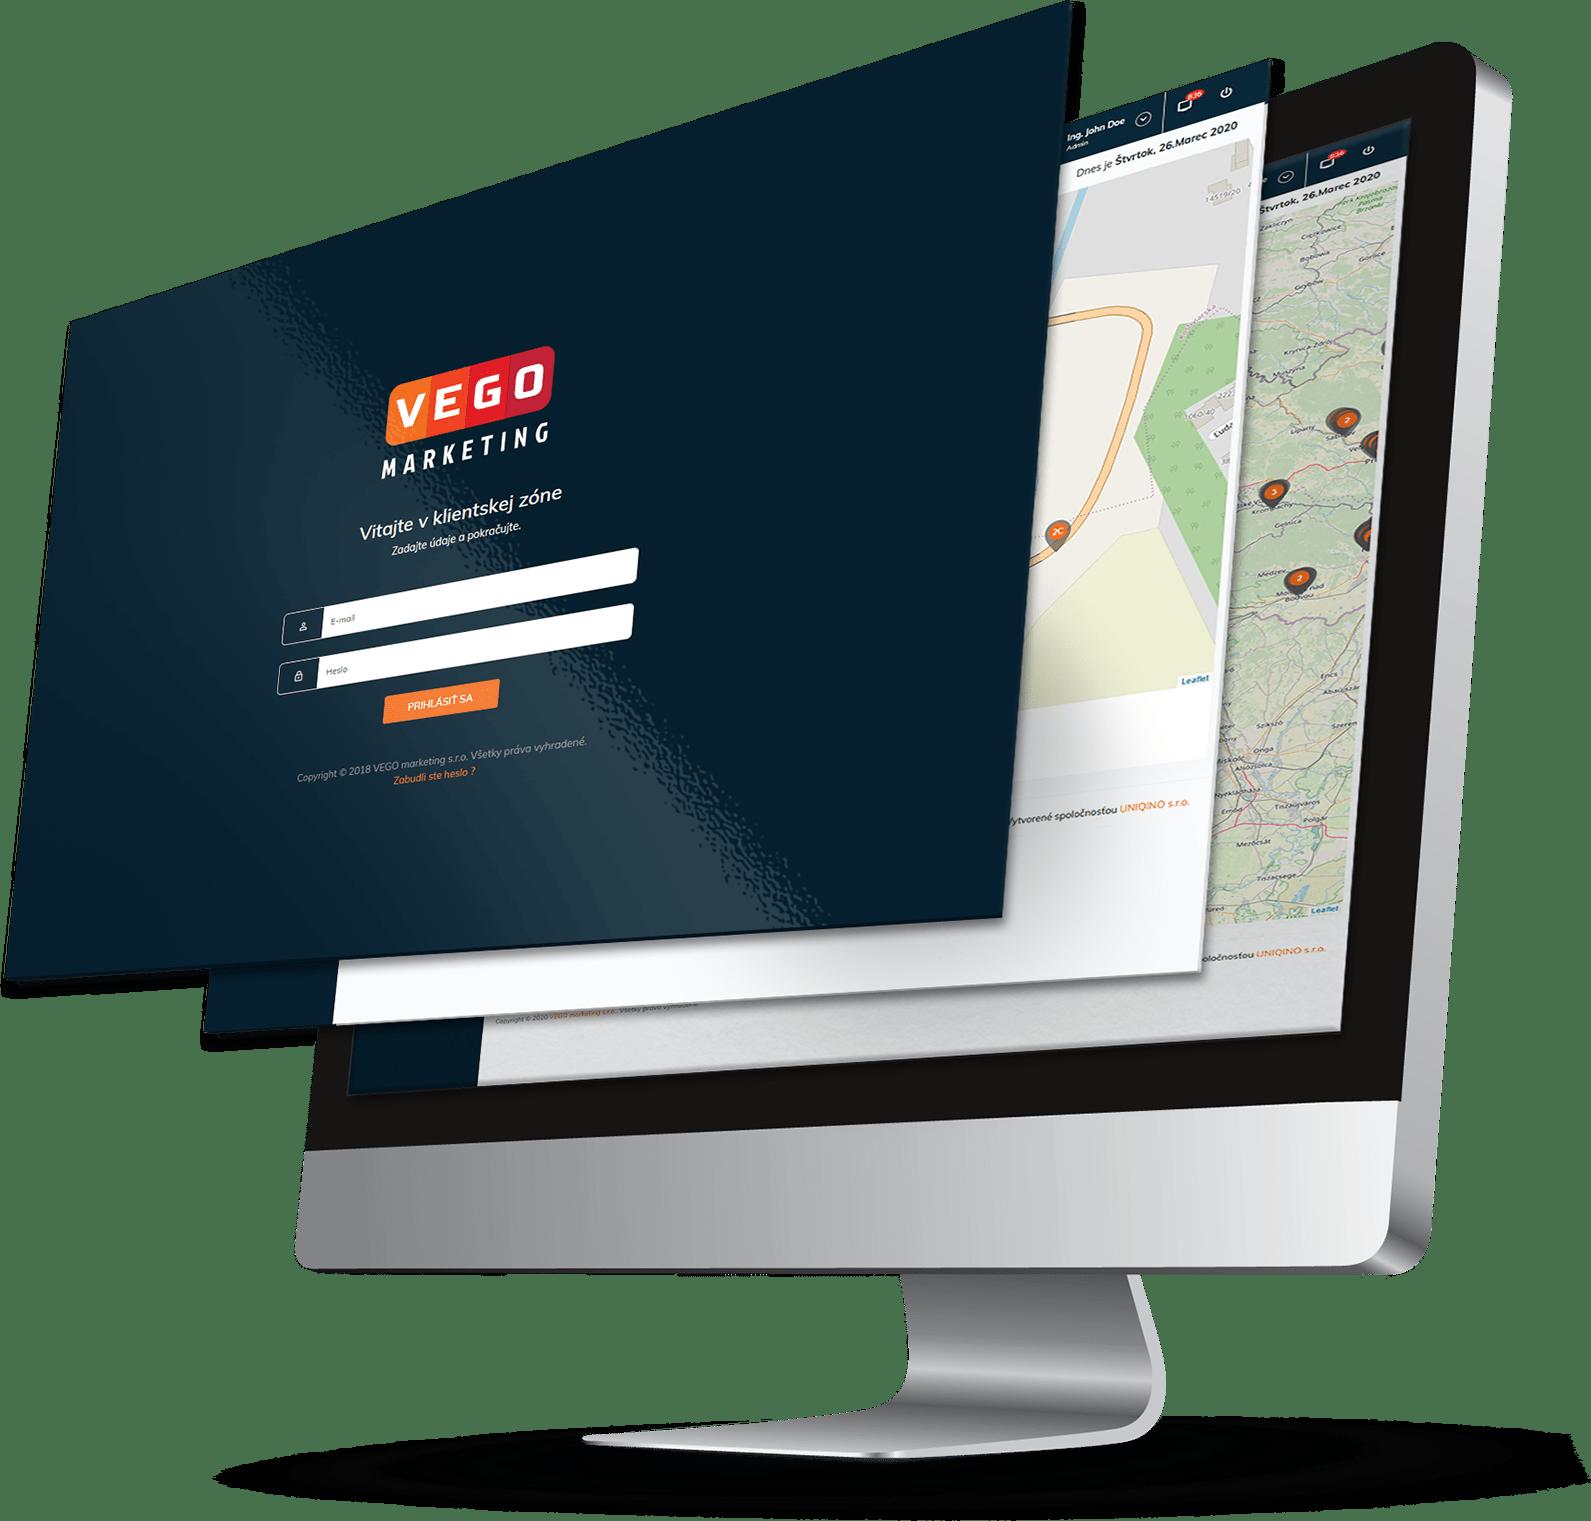 Tvorba web aplikácie pre VEGO MARKETING | Marketingová agentúra UNIQINO